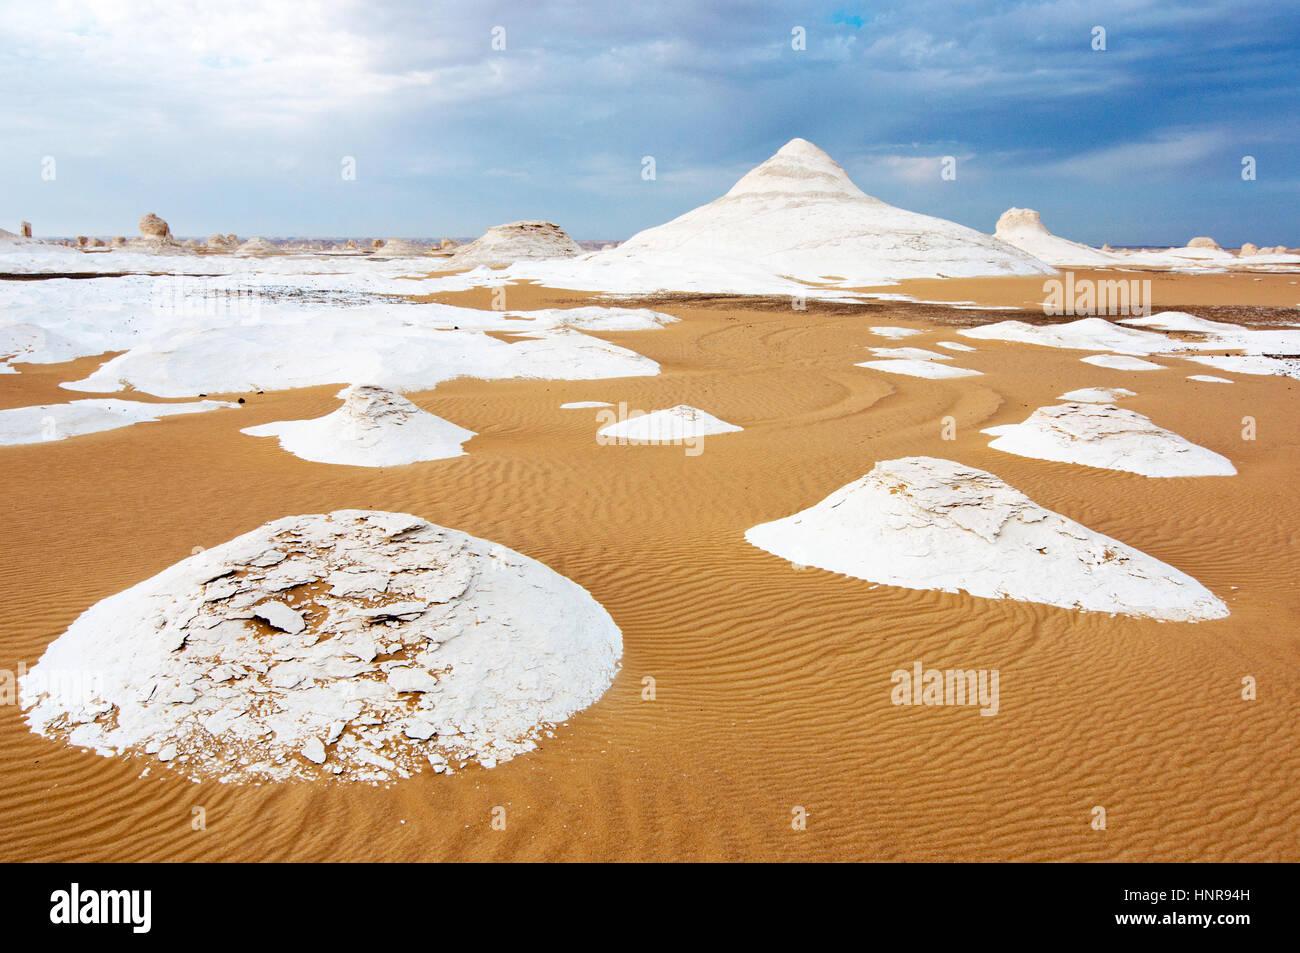 Rocks in Great White Desert in Egypt - Stock Image